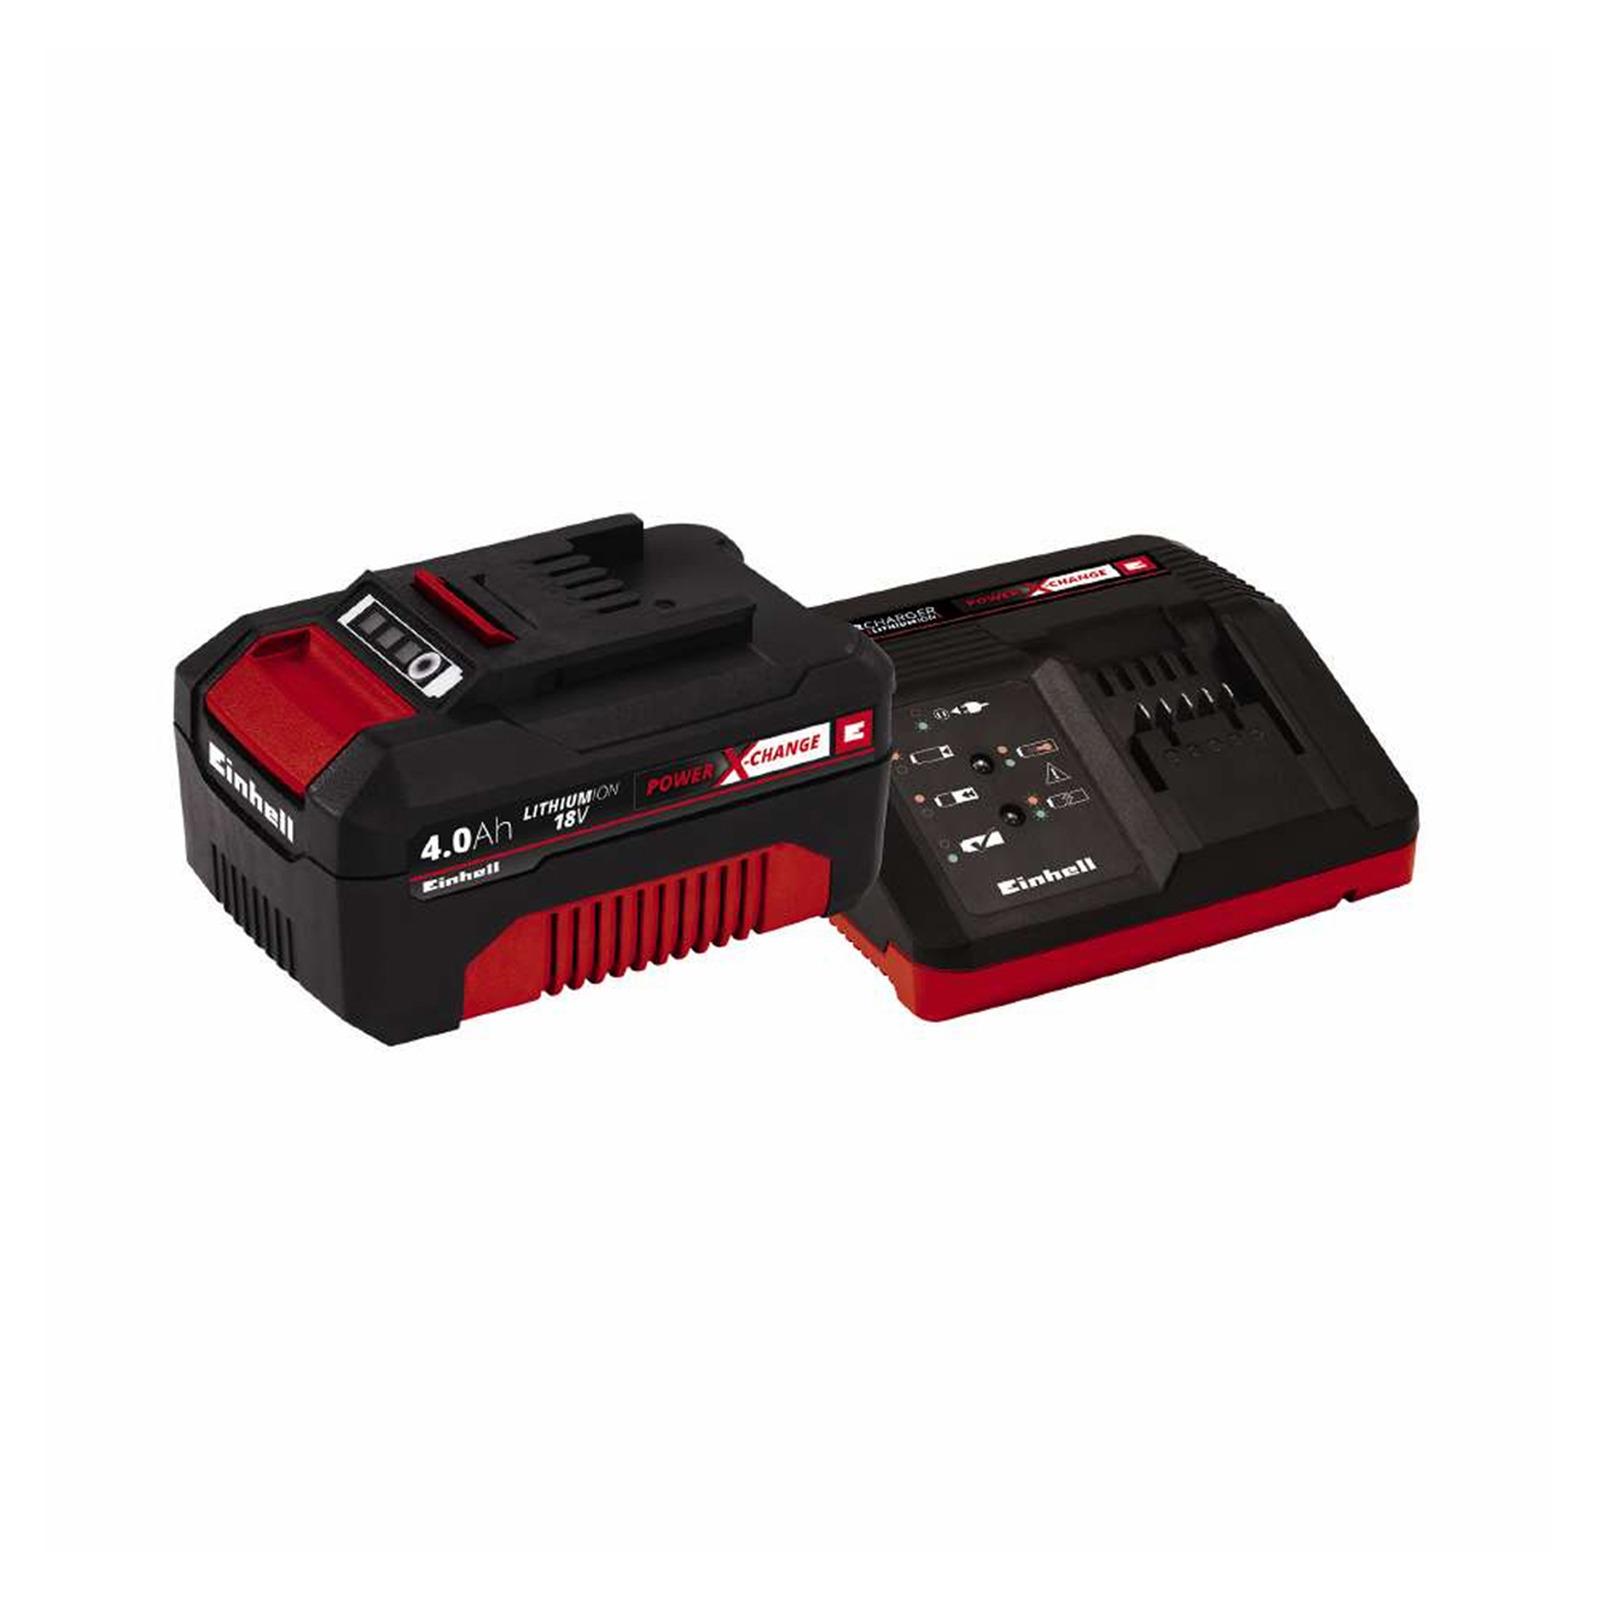 Einhell PXC Starter Kit (18V) Battery & Charger Set 4.0Ah